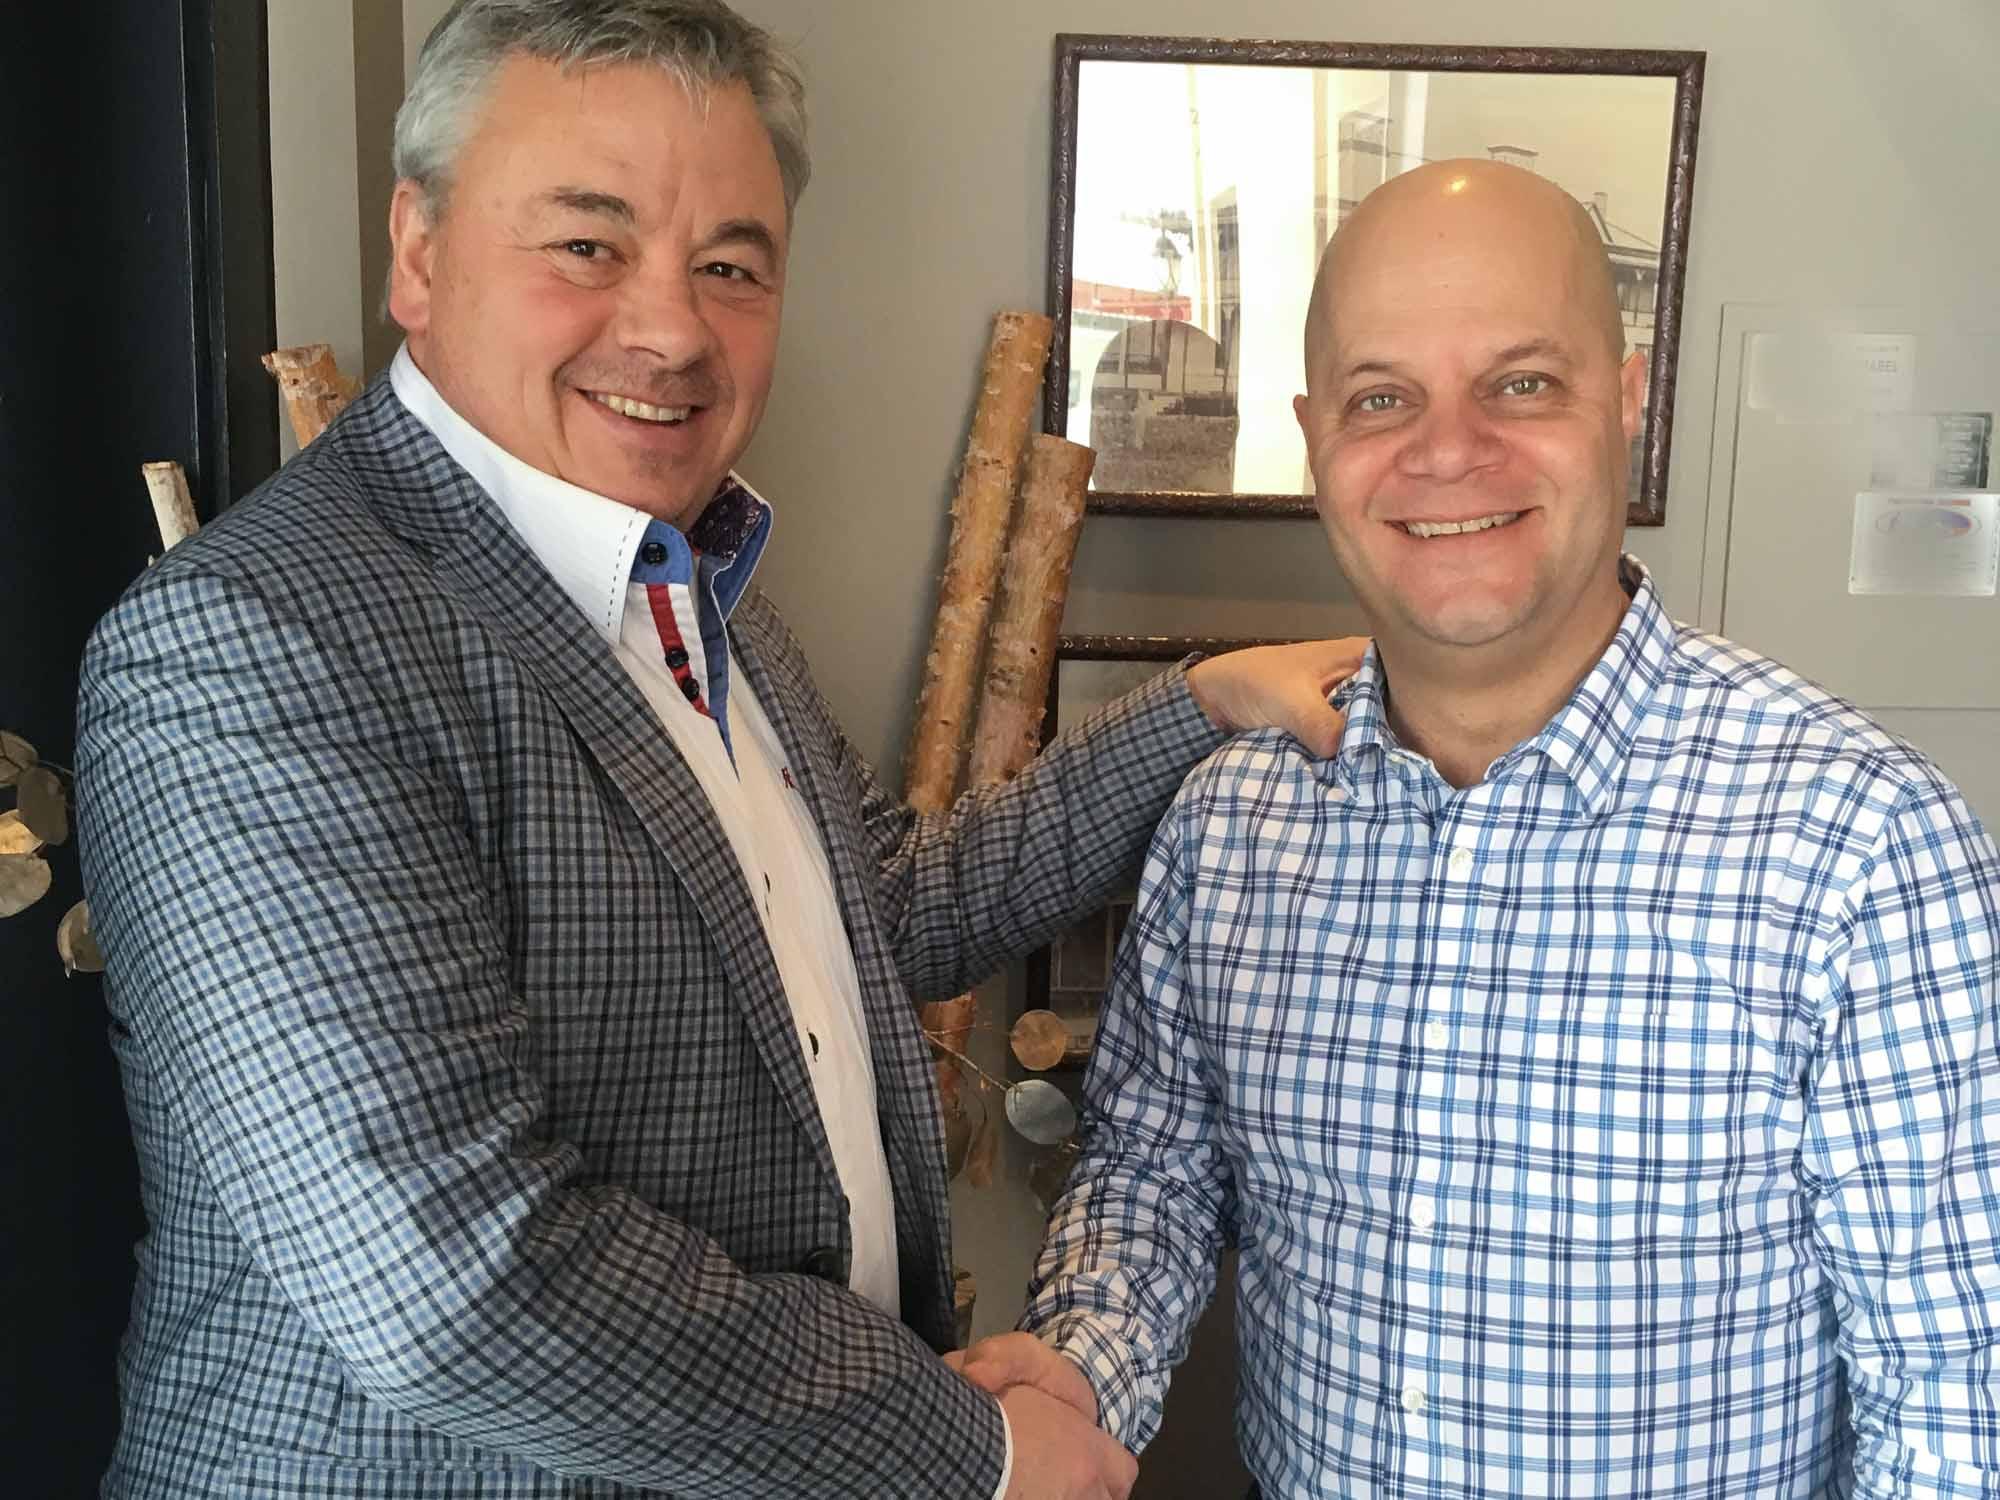 Michel Rochon, président de la Fondation médicale, avec le président d'honneur de l'activité Golf-Vélo de cette année, Patrice Malo.